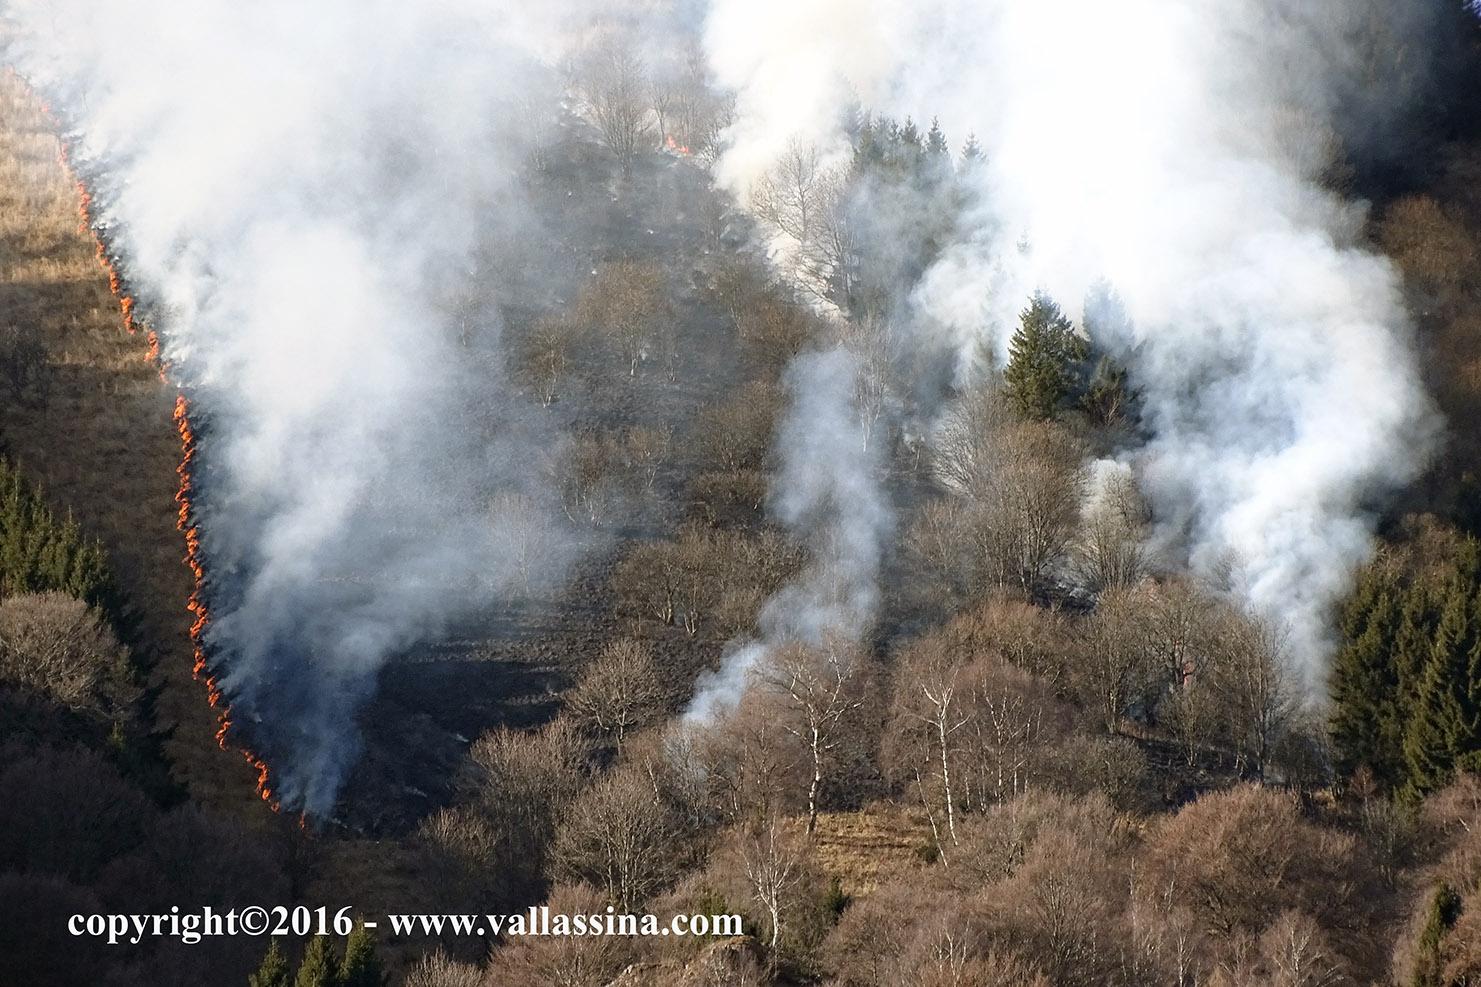 Incendio sul monte Poncive VIDEO